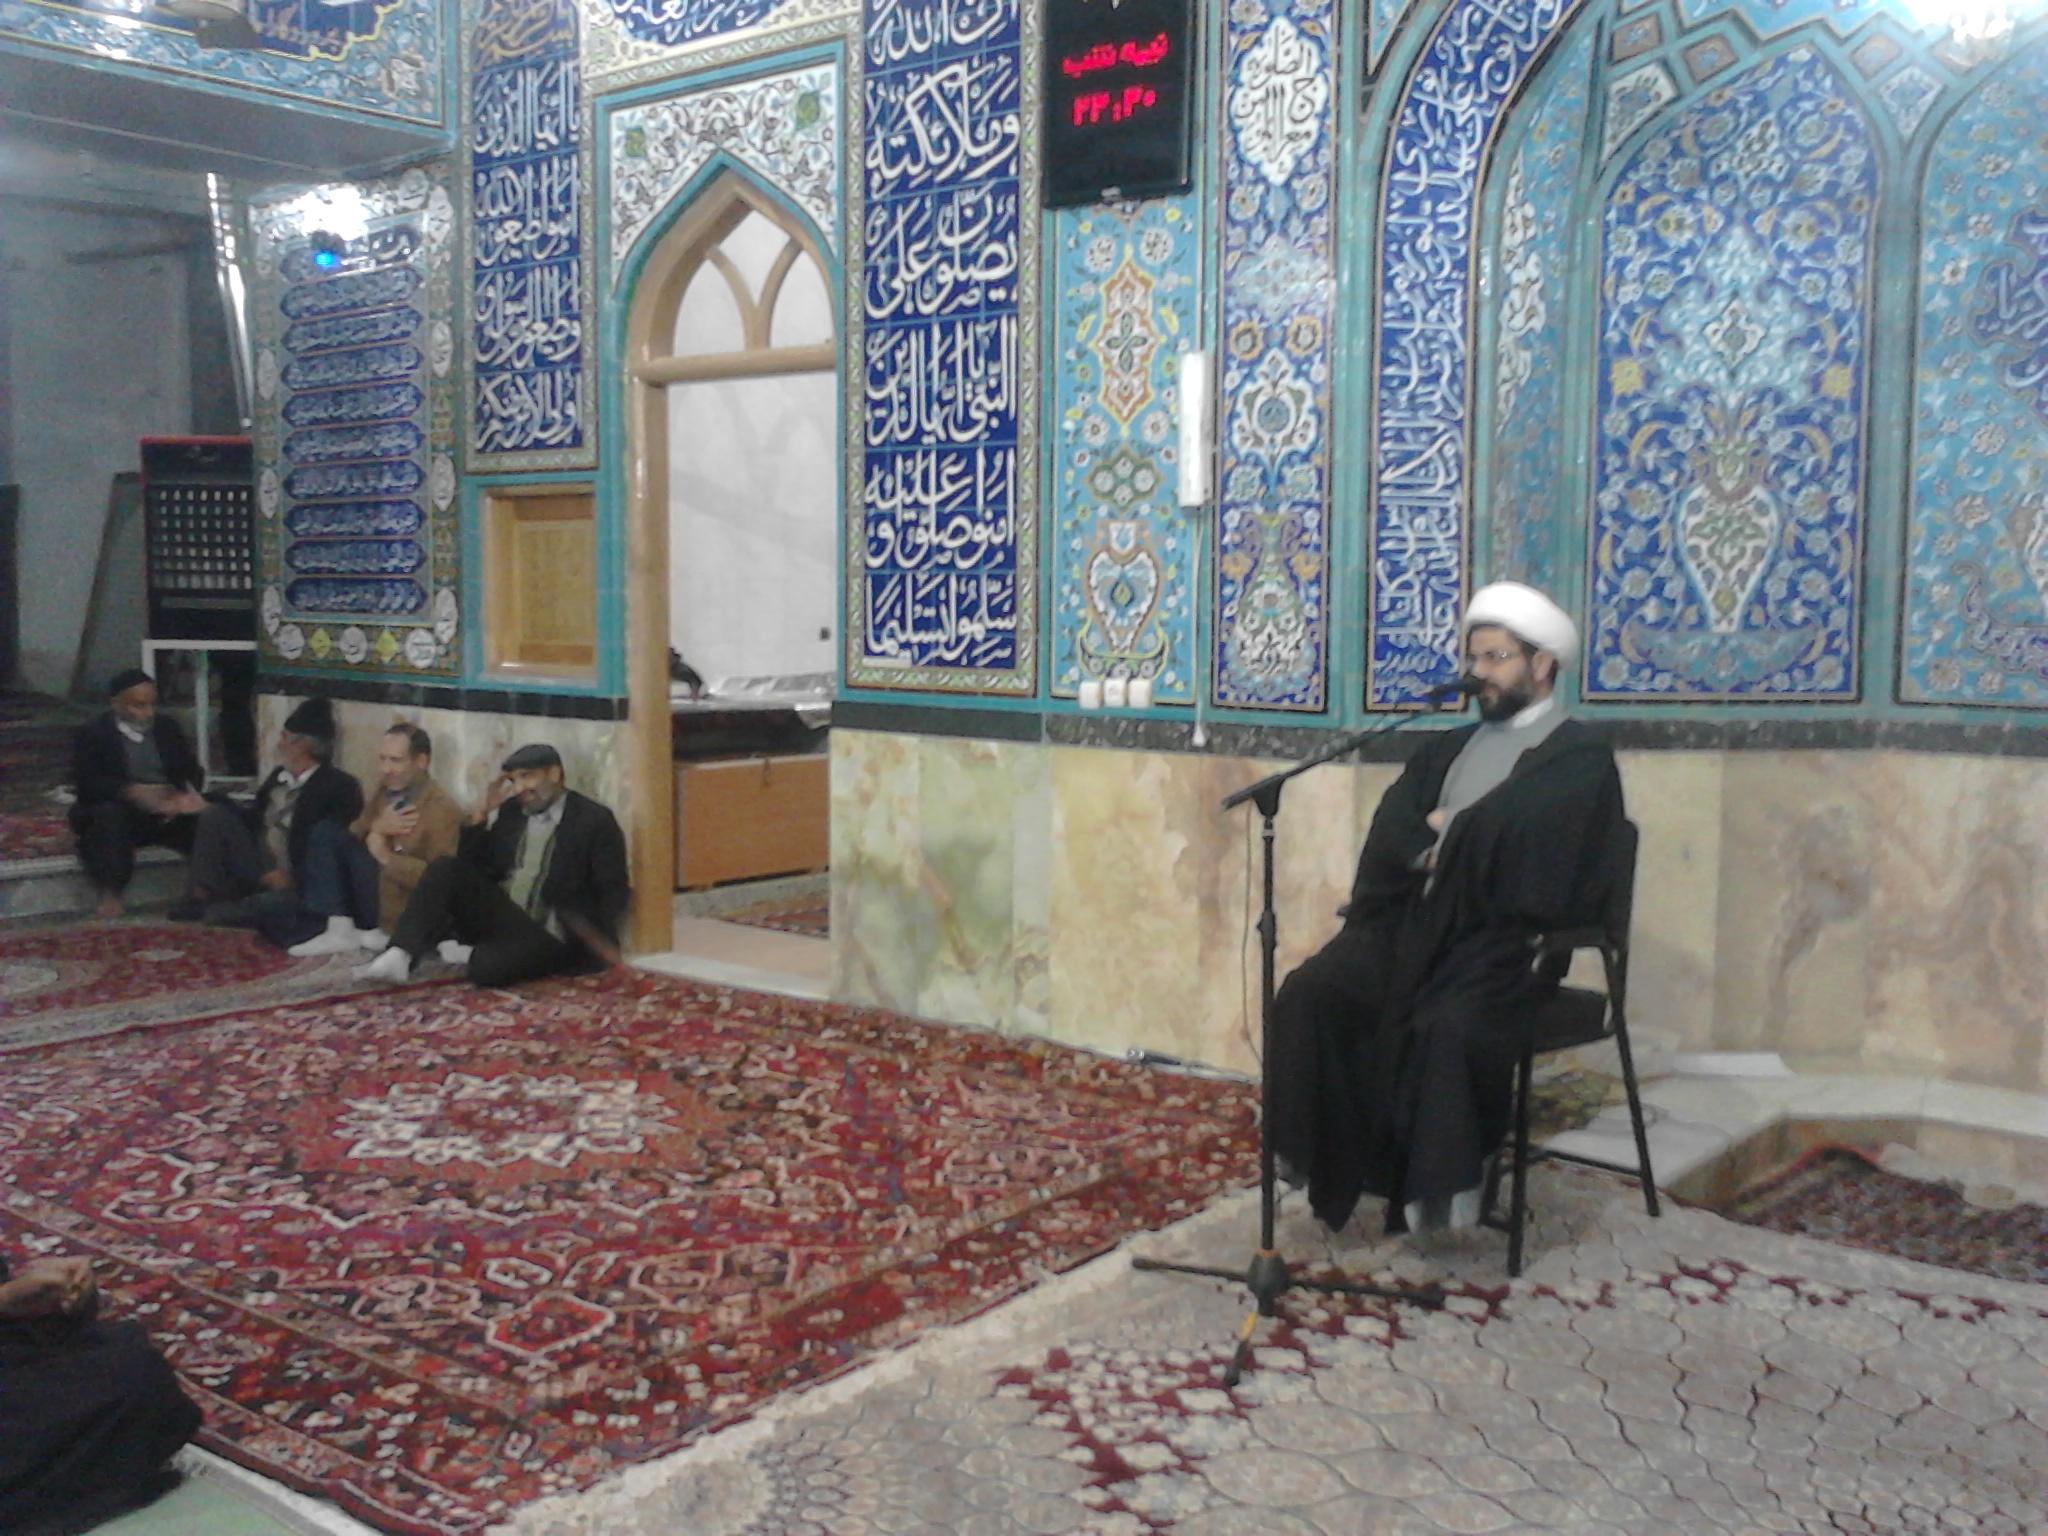 سخنرانی حاج آقا هاشمی امام جمعه محترم بخش قهدریجان در مسجد بزرگ شهر